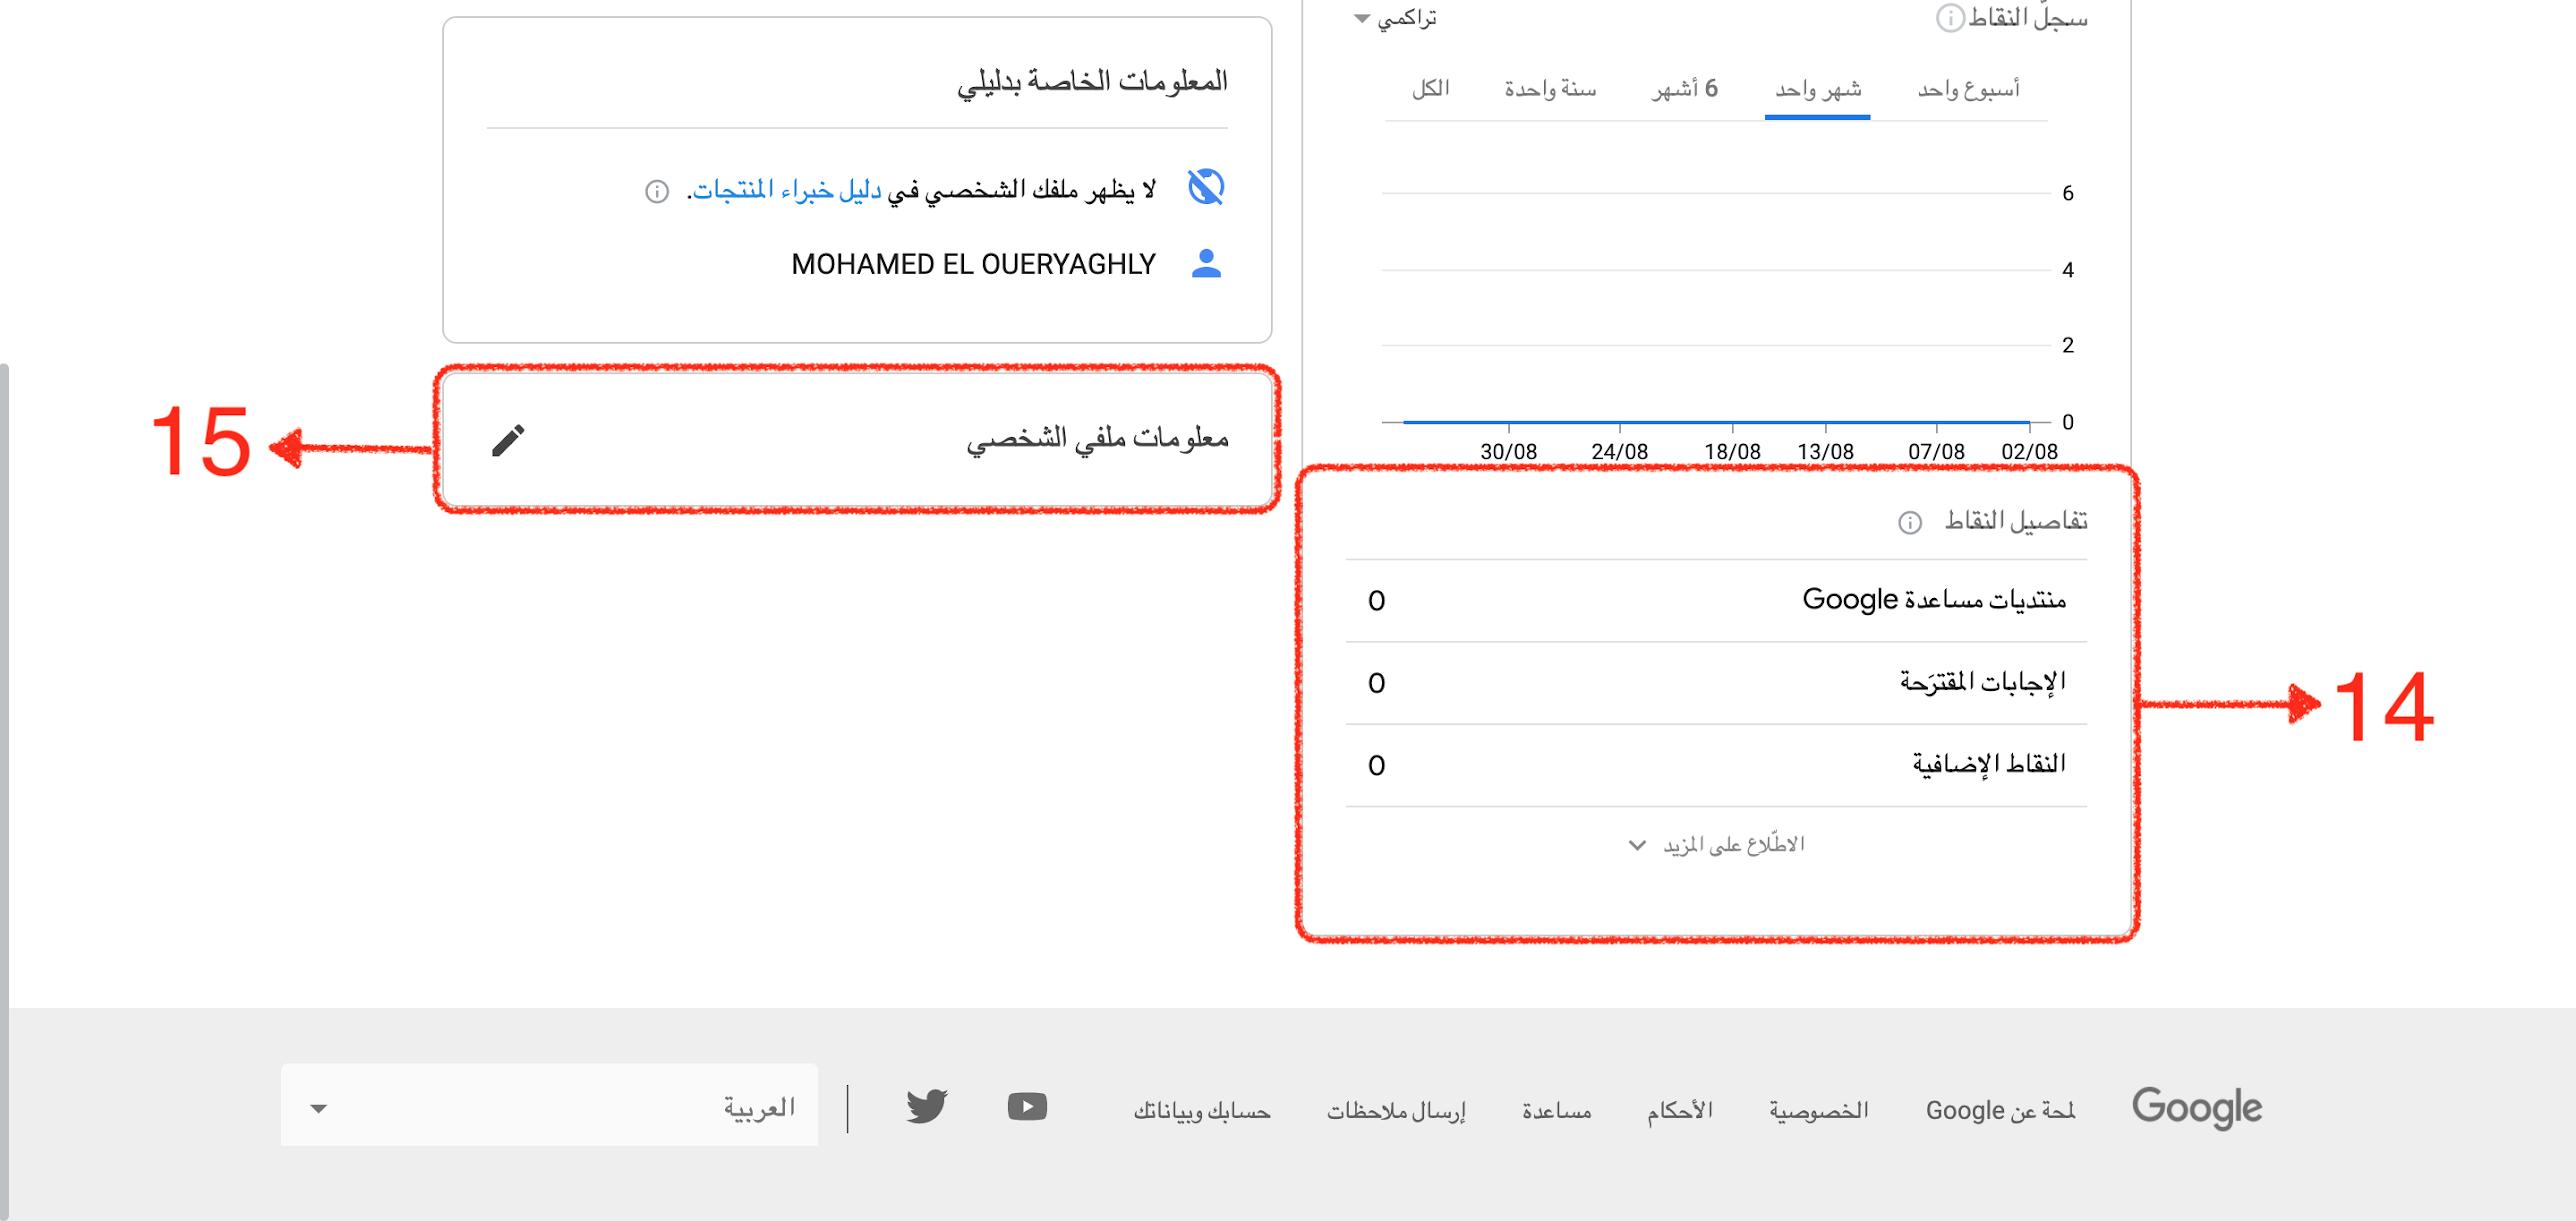 شَرْح مُكَوّنَات المِلَفّ الشّخْصِي لِخُبَرَاء مُنتَجَات Google